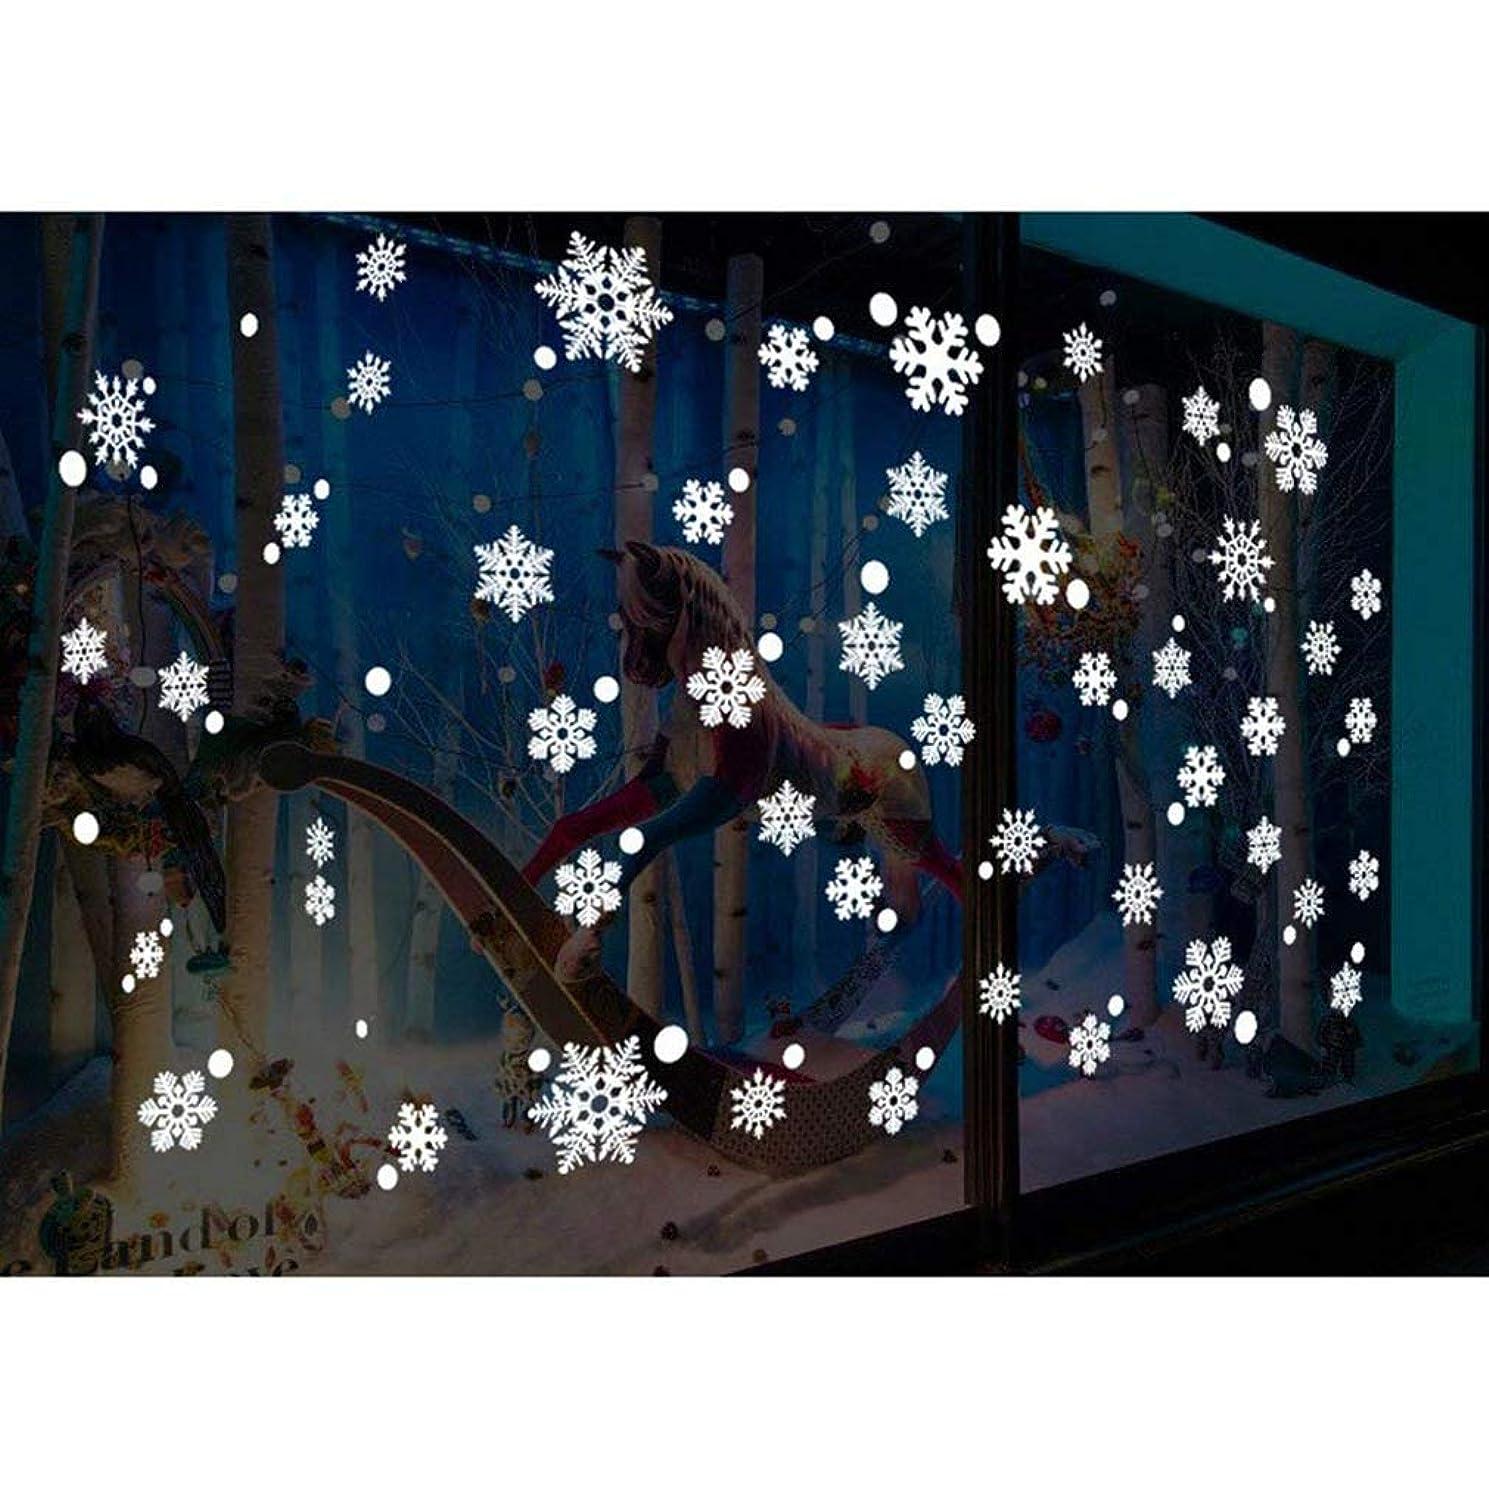 保持さておき頭痛MARUIKAO 壁紙シール スノーフレーク クリスマスステッカー ウォールステッカー ビニールデカール 装飾 ホーム パーティー 35*50cm